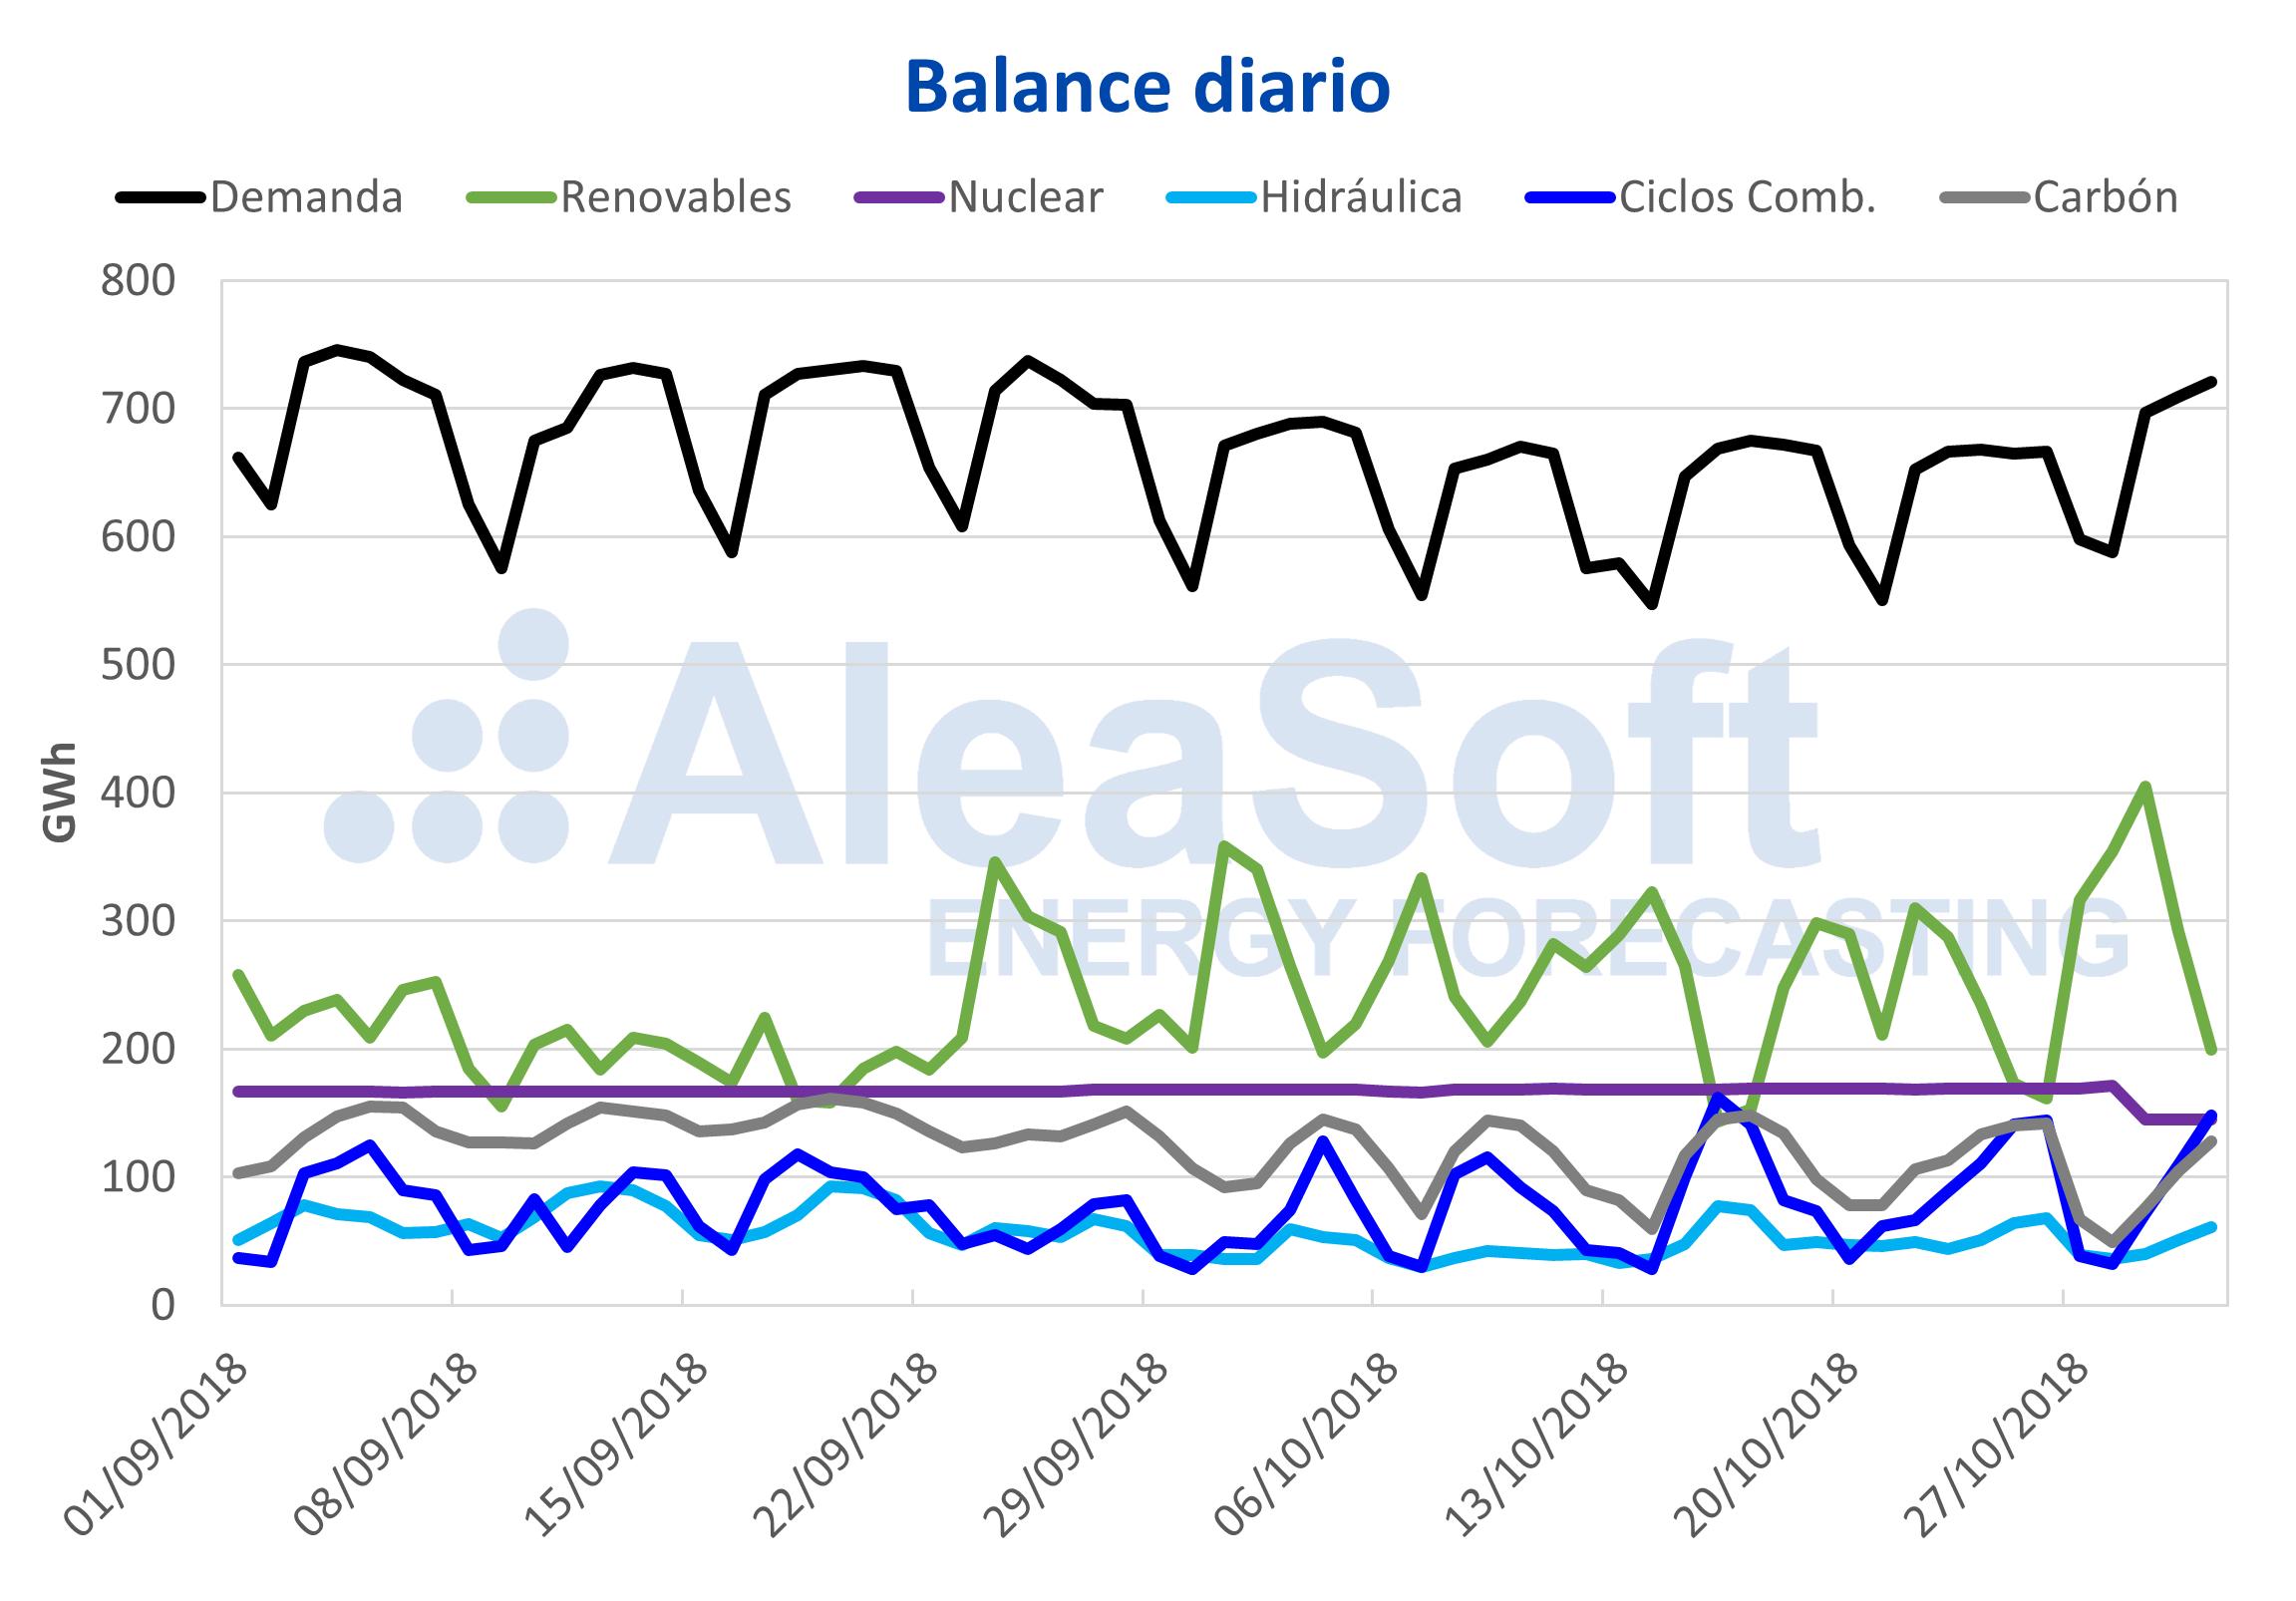 AleaSoft - Balance diario de electricidad España demanda-producción